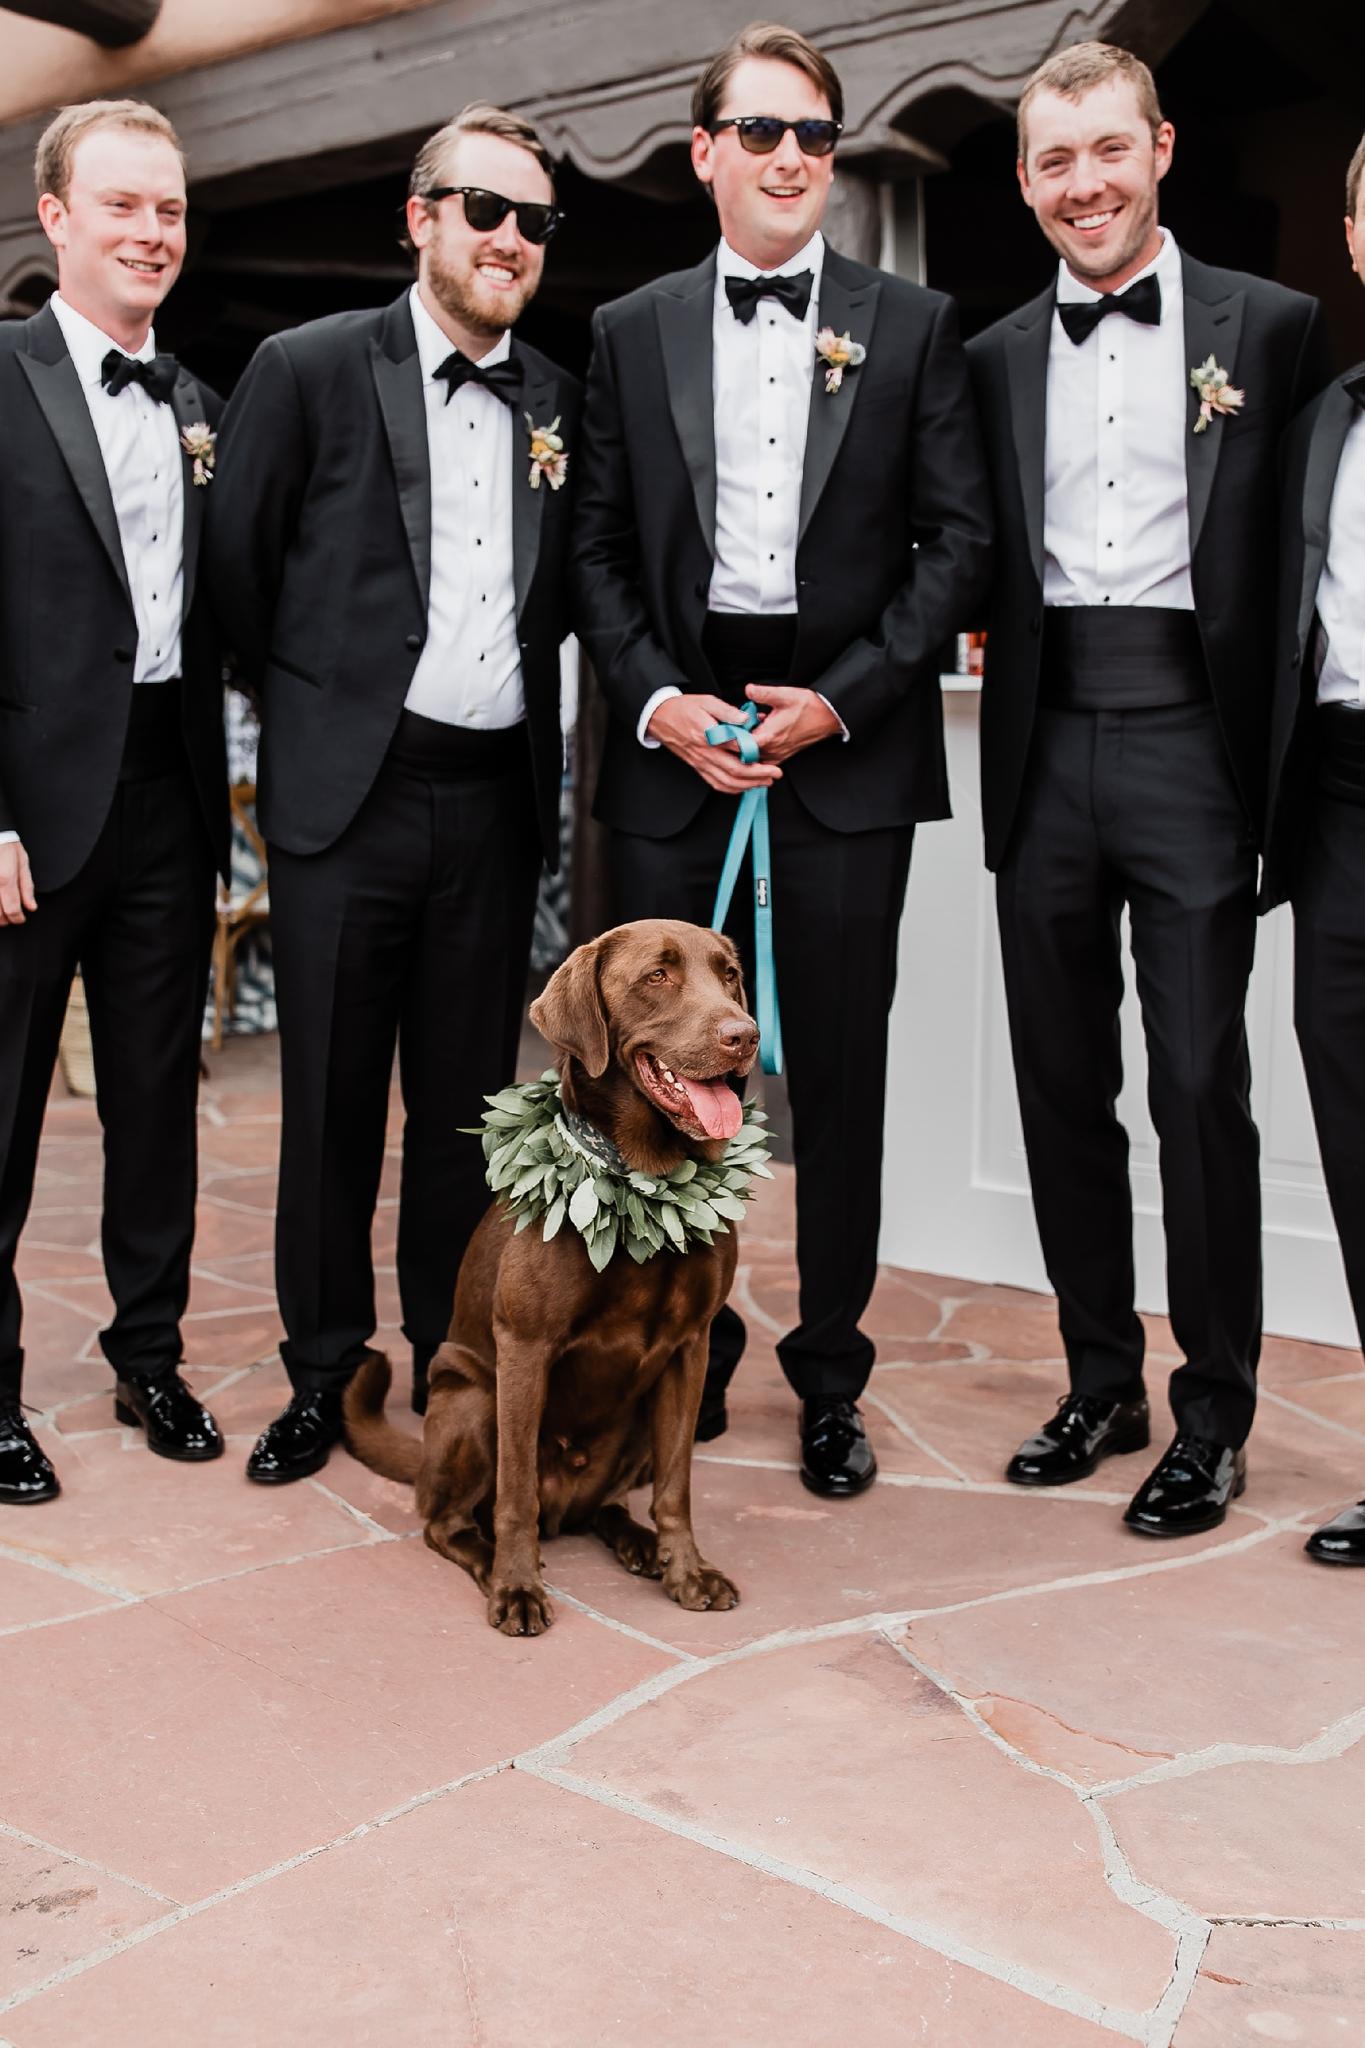 Alicia+lucia+photography+-+albuquerque+wedding+photographer+-+santa+fe+wedding+photography+-+new+mexico+wedding+photographer+-+new+mexico+wedding+-+las+campanas+wedding+-+santa+fe+wedding+-+maximalist+wedding+-+destination+wedding_0042.jpg